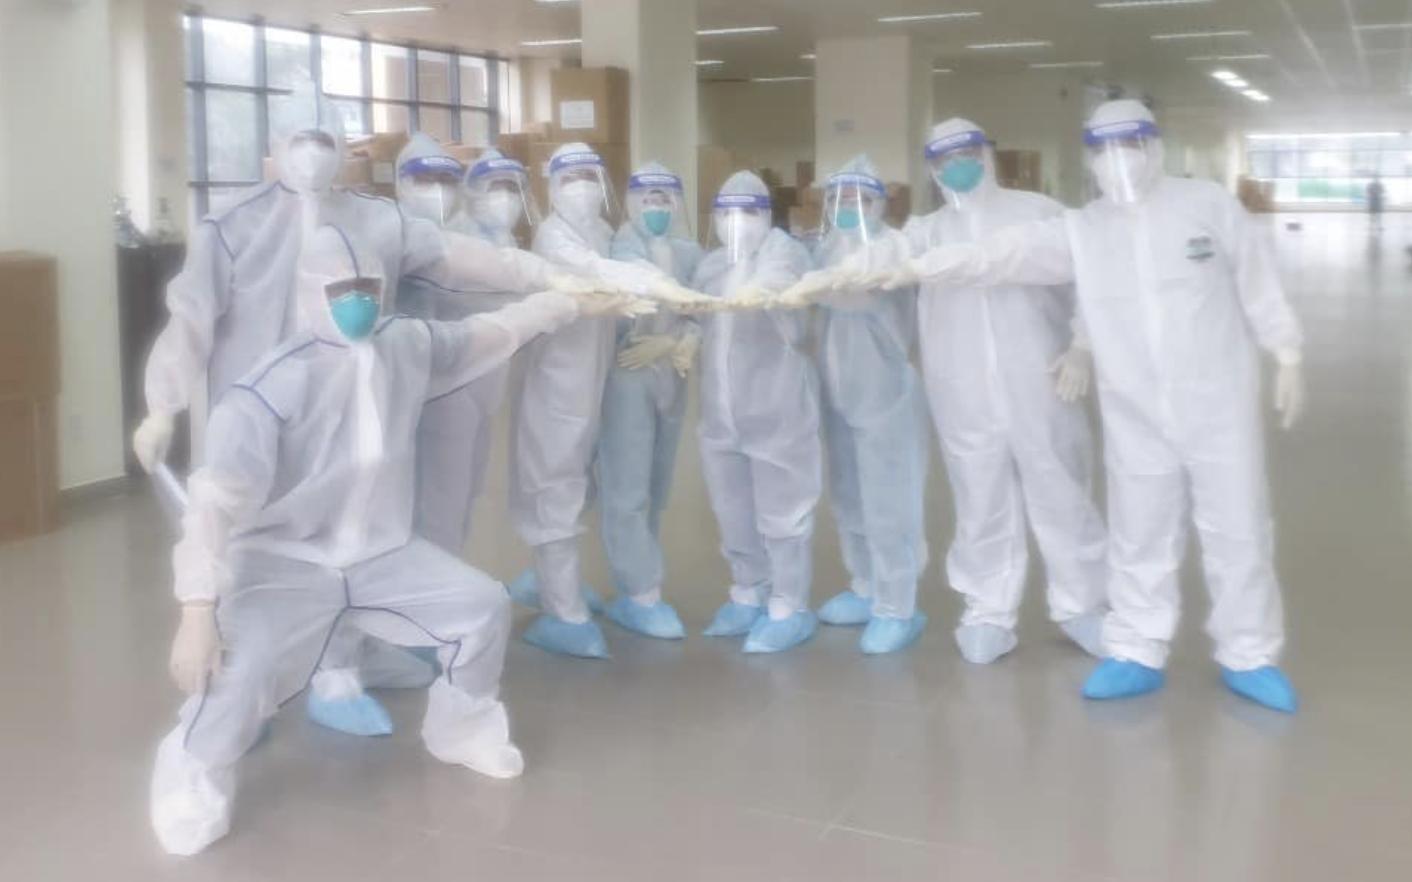 1.252 bệnh nhân tại Bệnh viện Dã chiến điều trị COVID-19 số 2 đã xuất viện